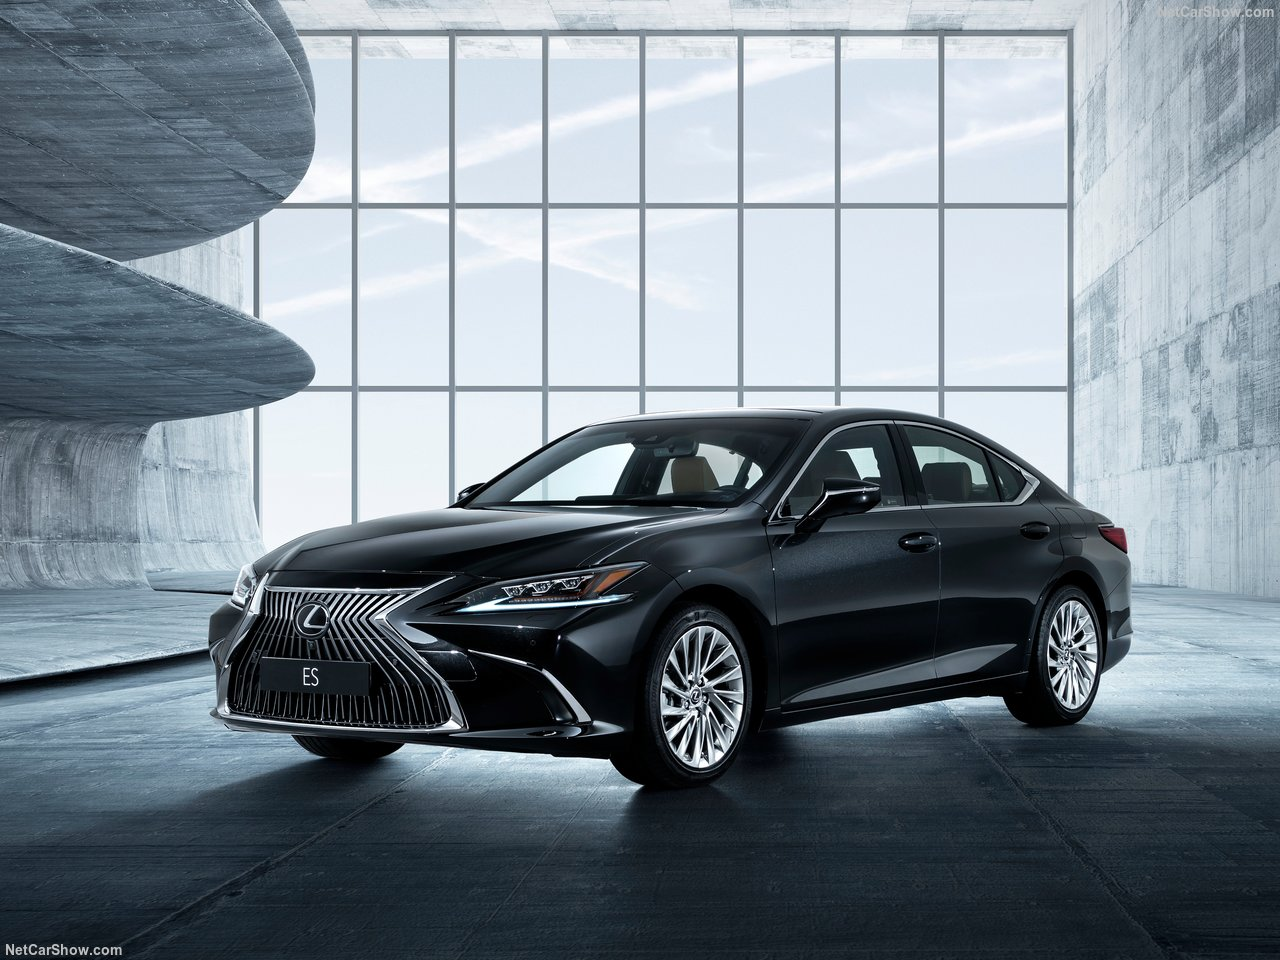 Lexus-ES-2019-1280-03_201809010832016fd.jpg